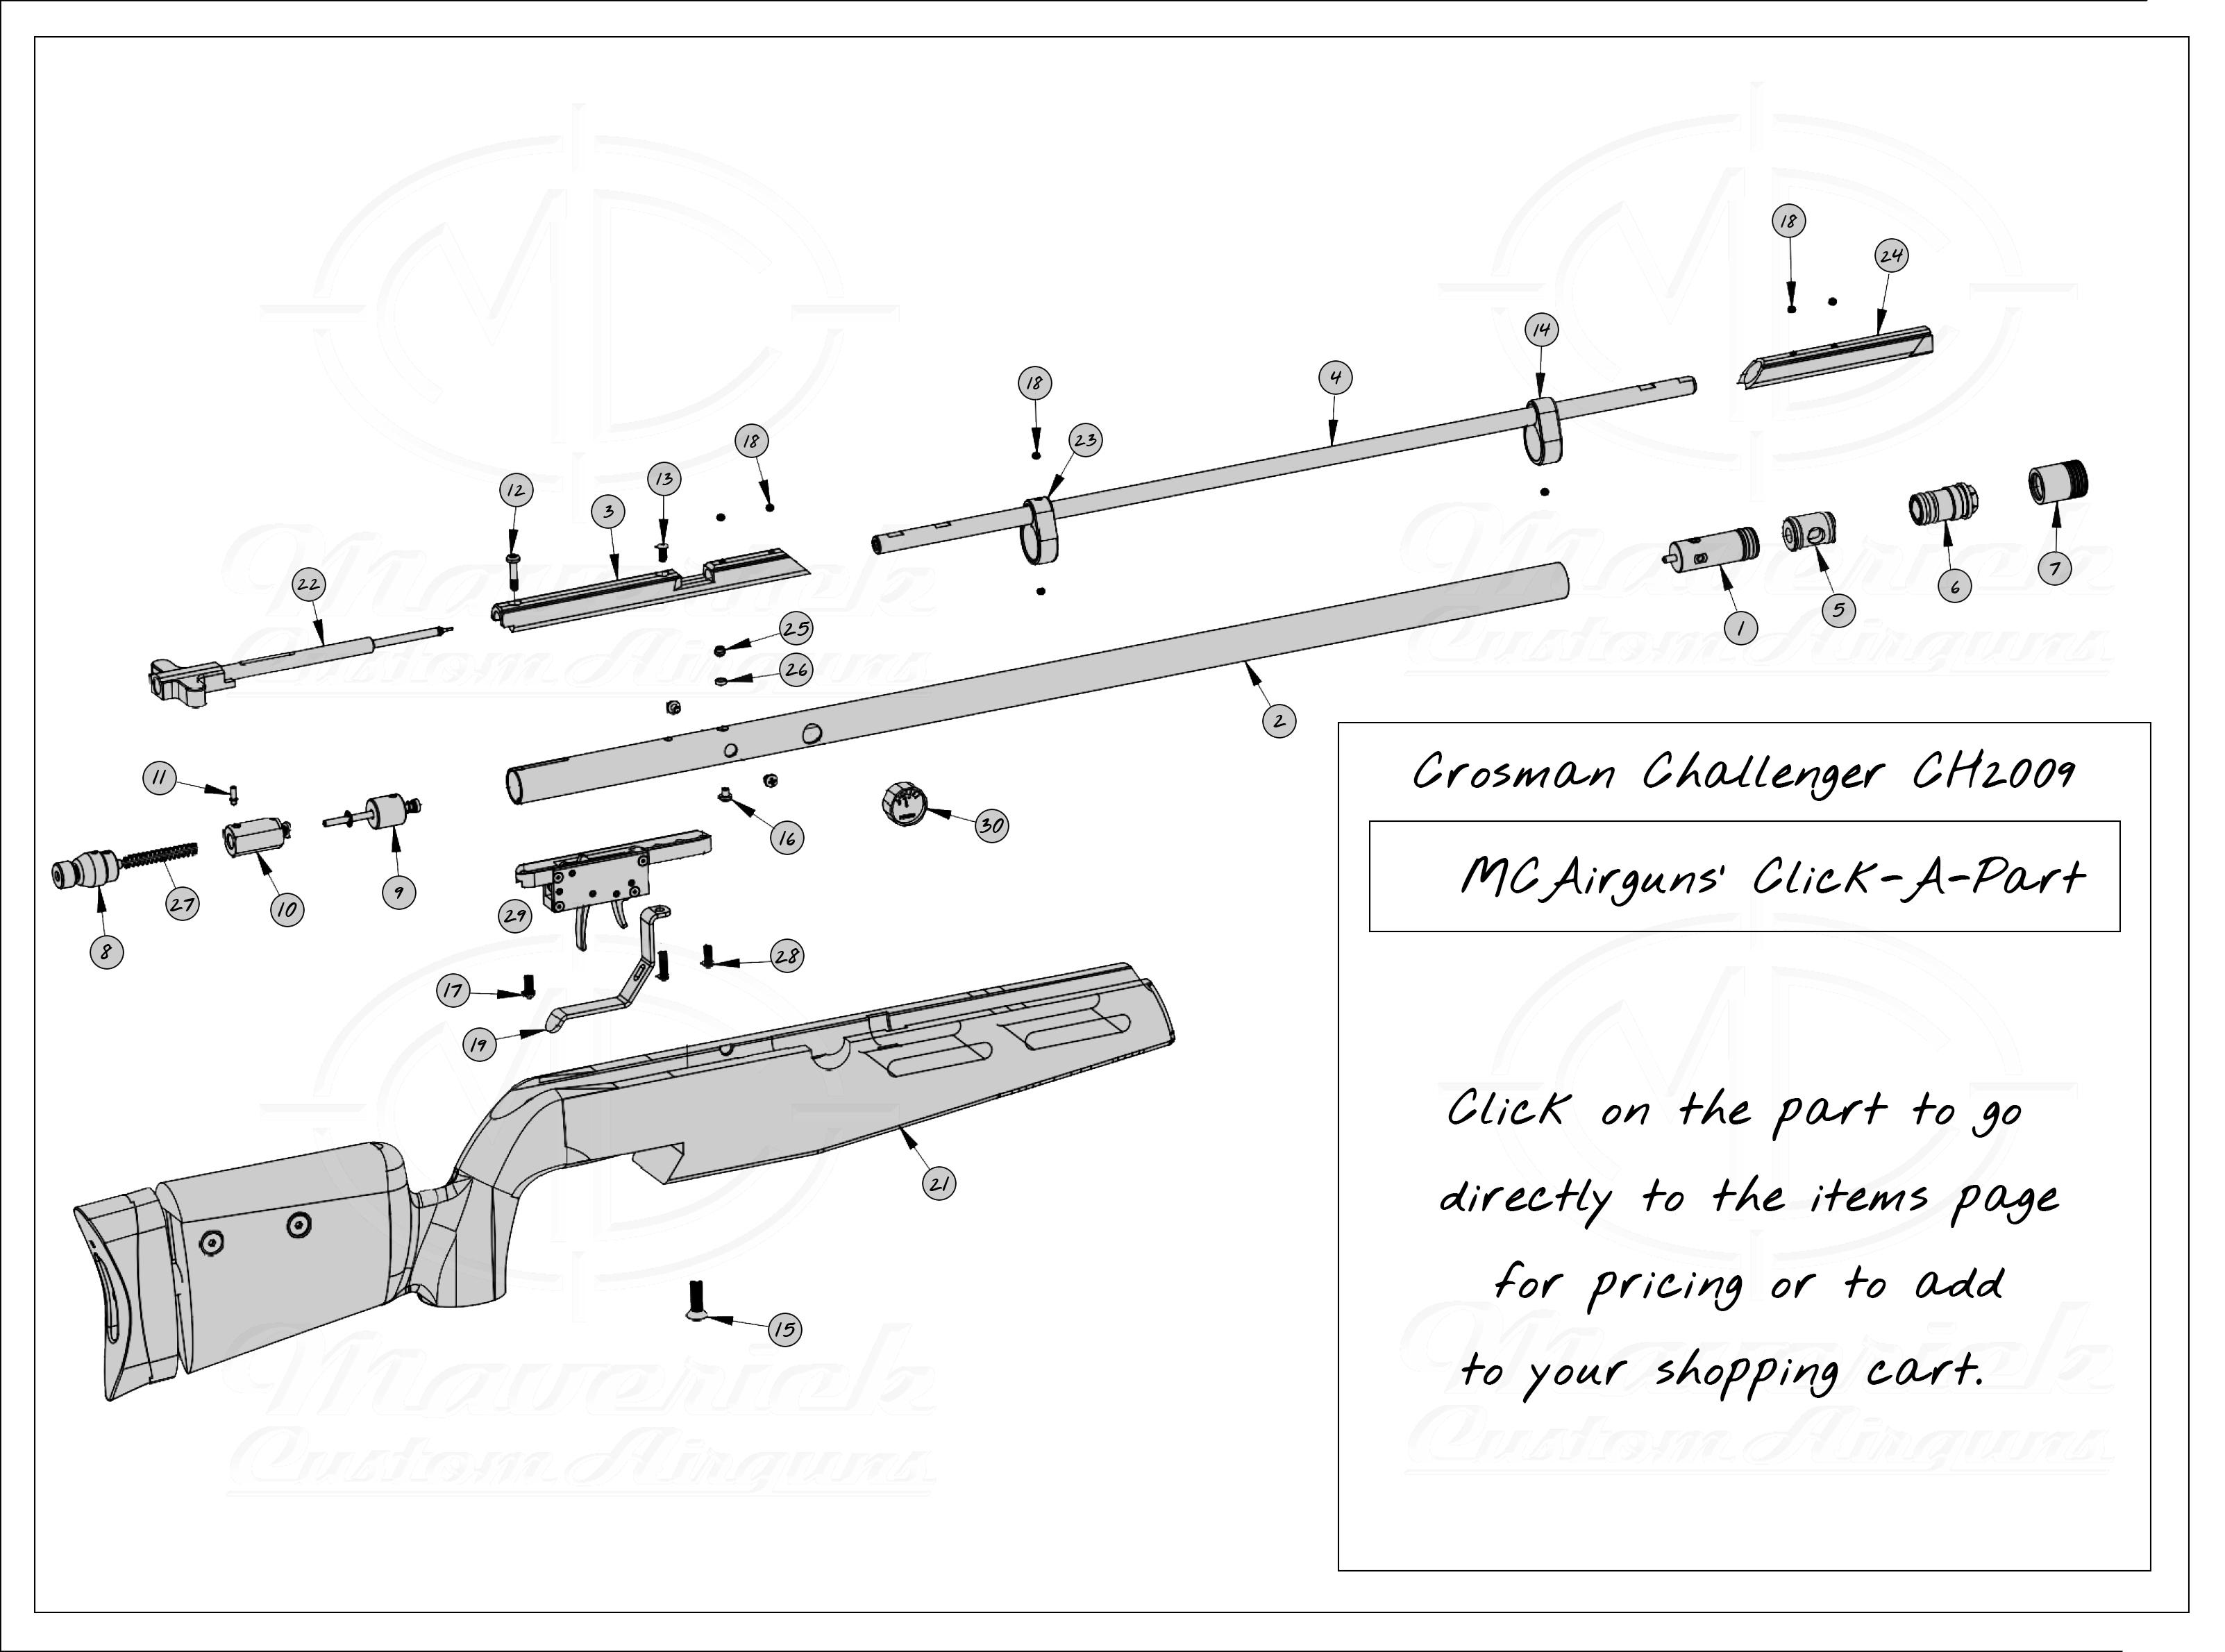 Crosman Challenger CH2009 Click A Part